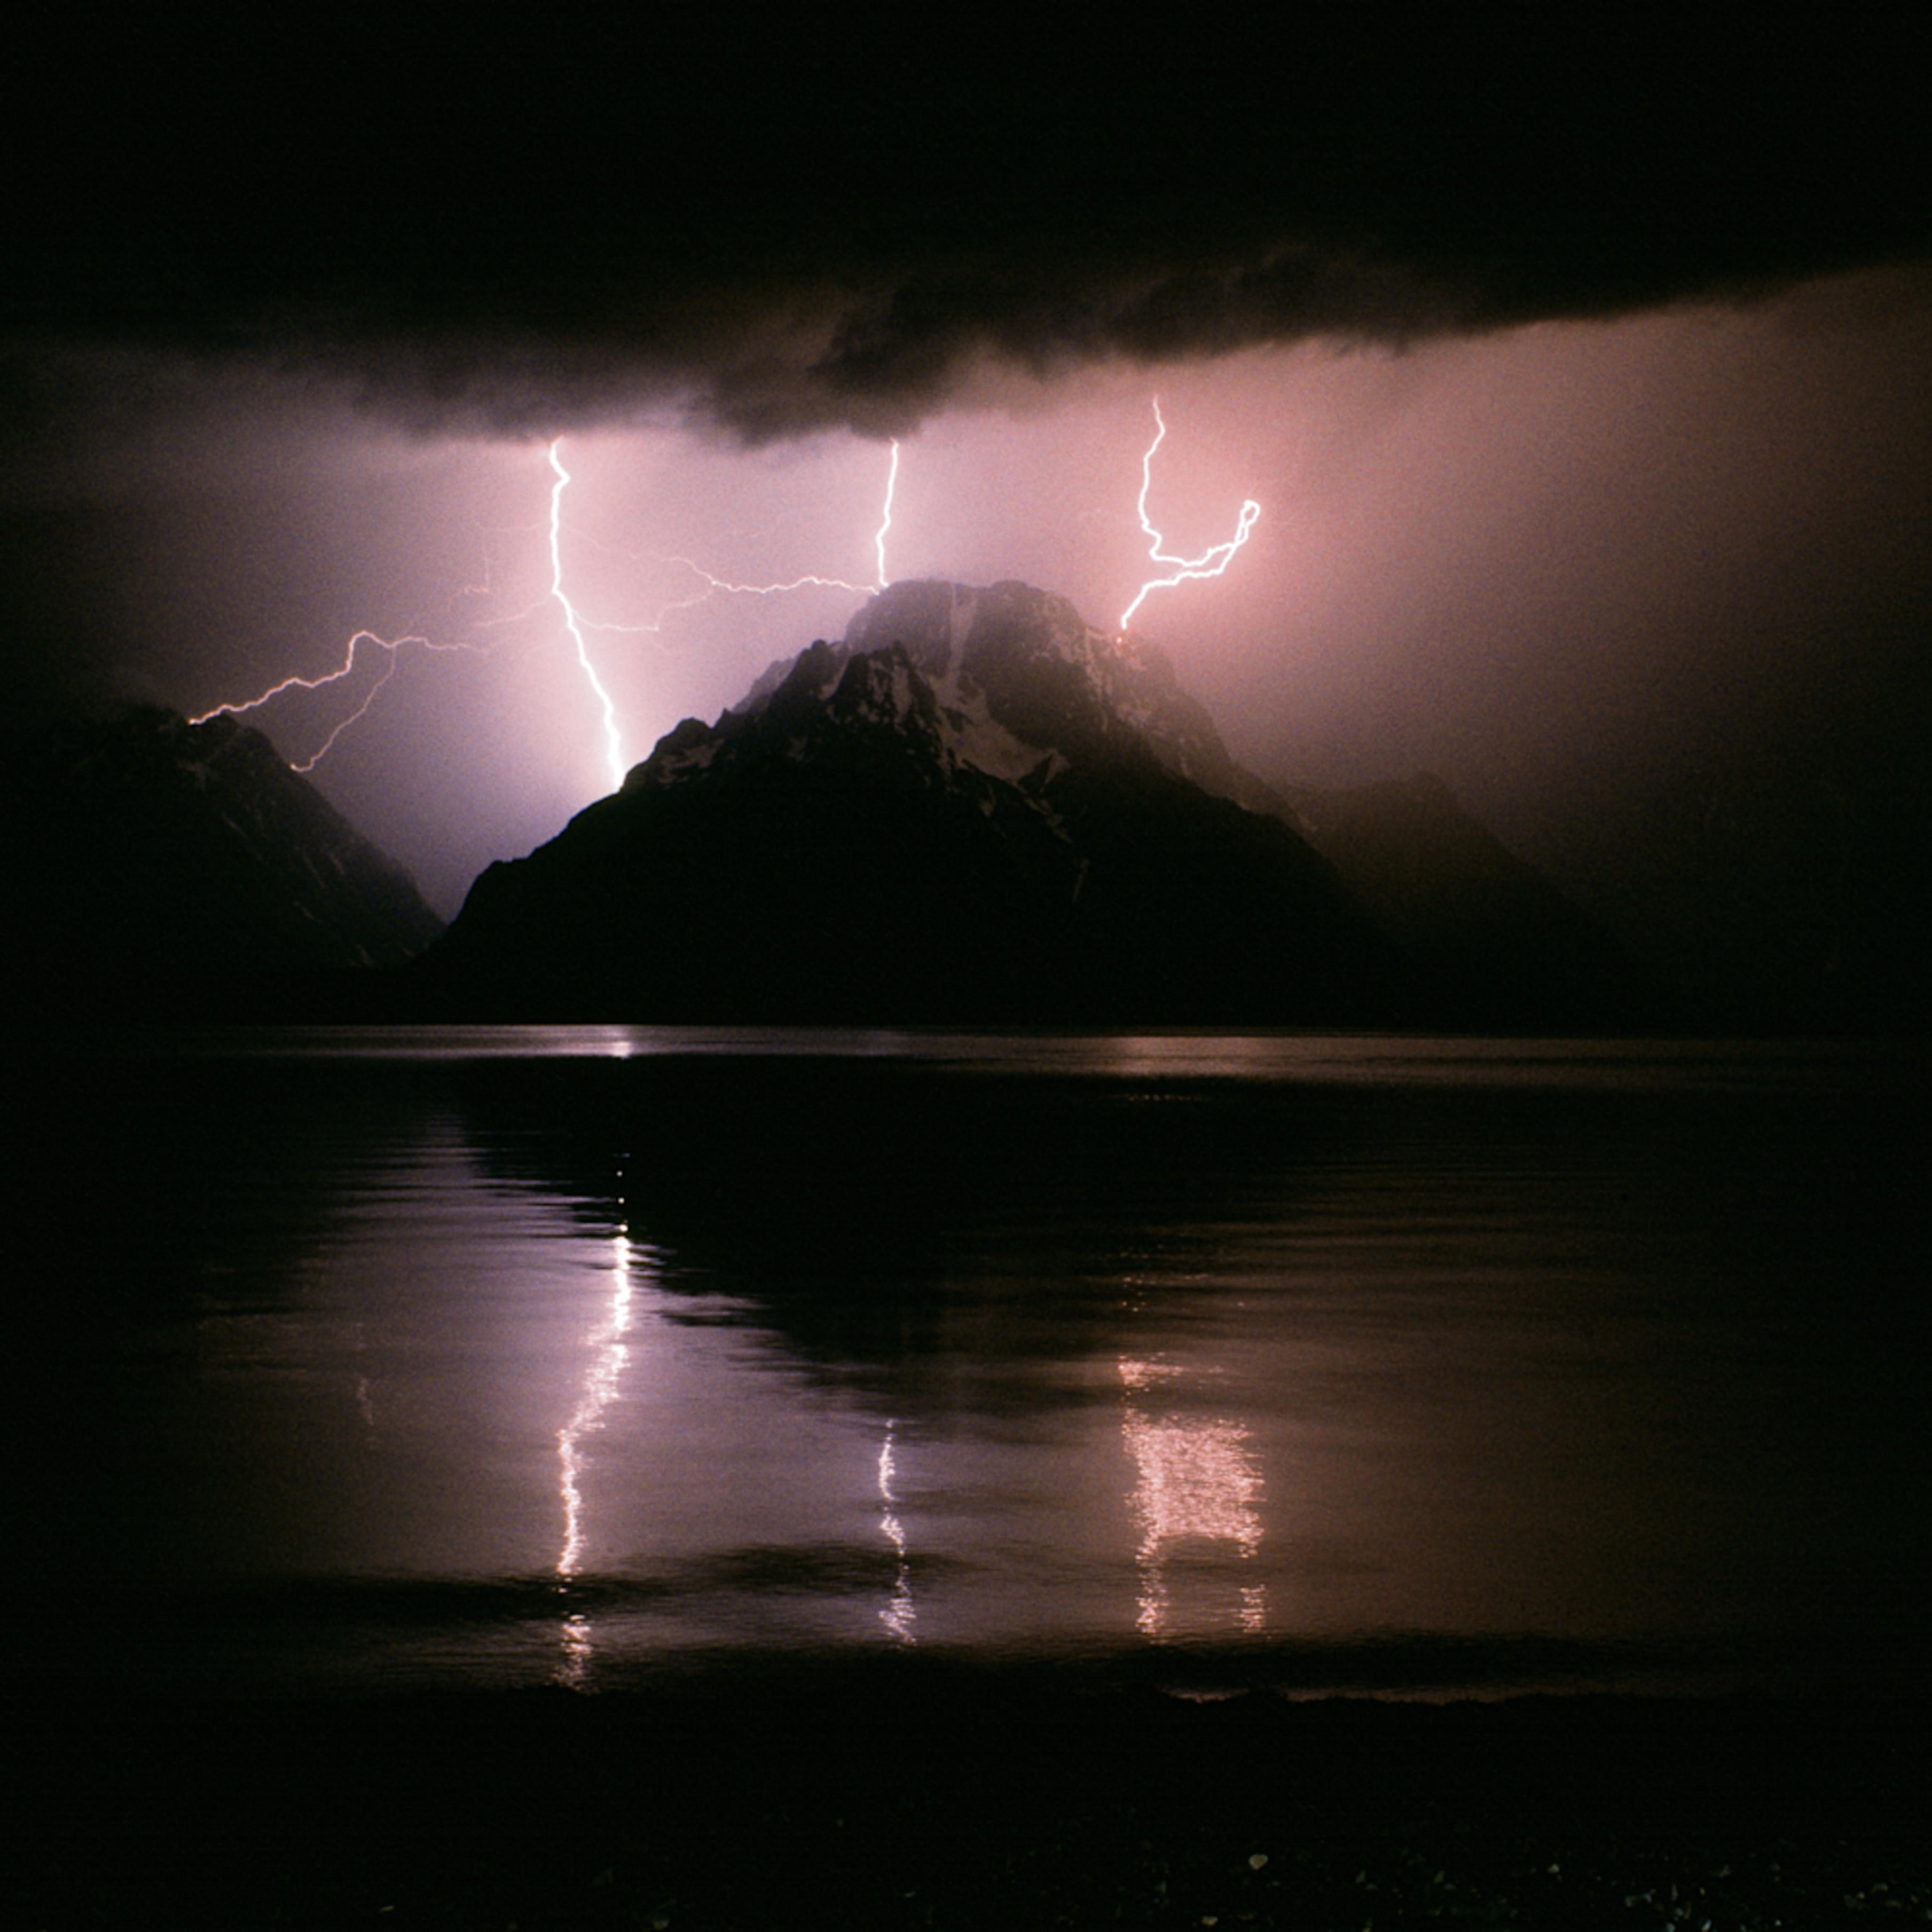 Moran lightning g9t0cm